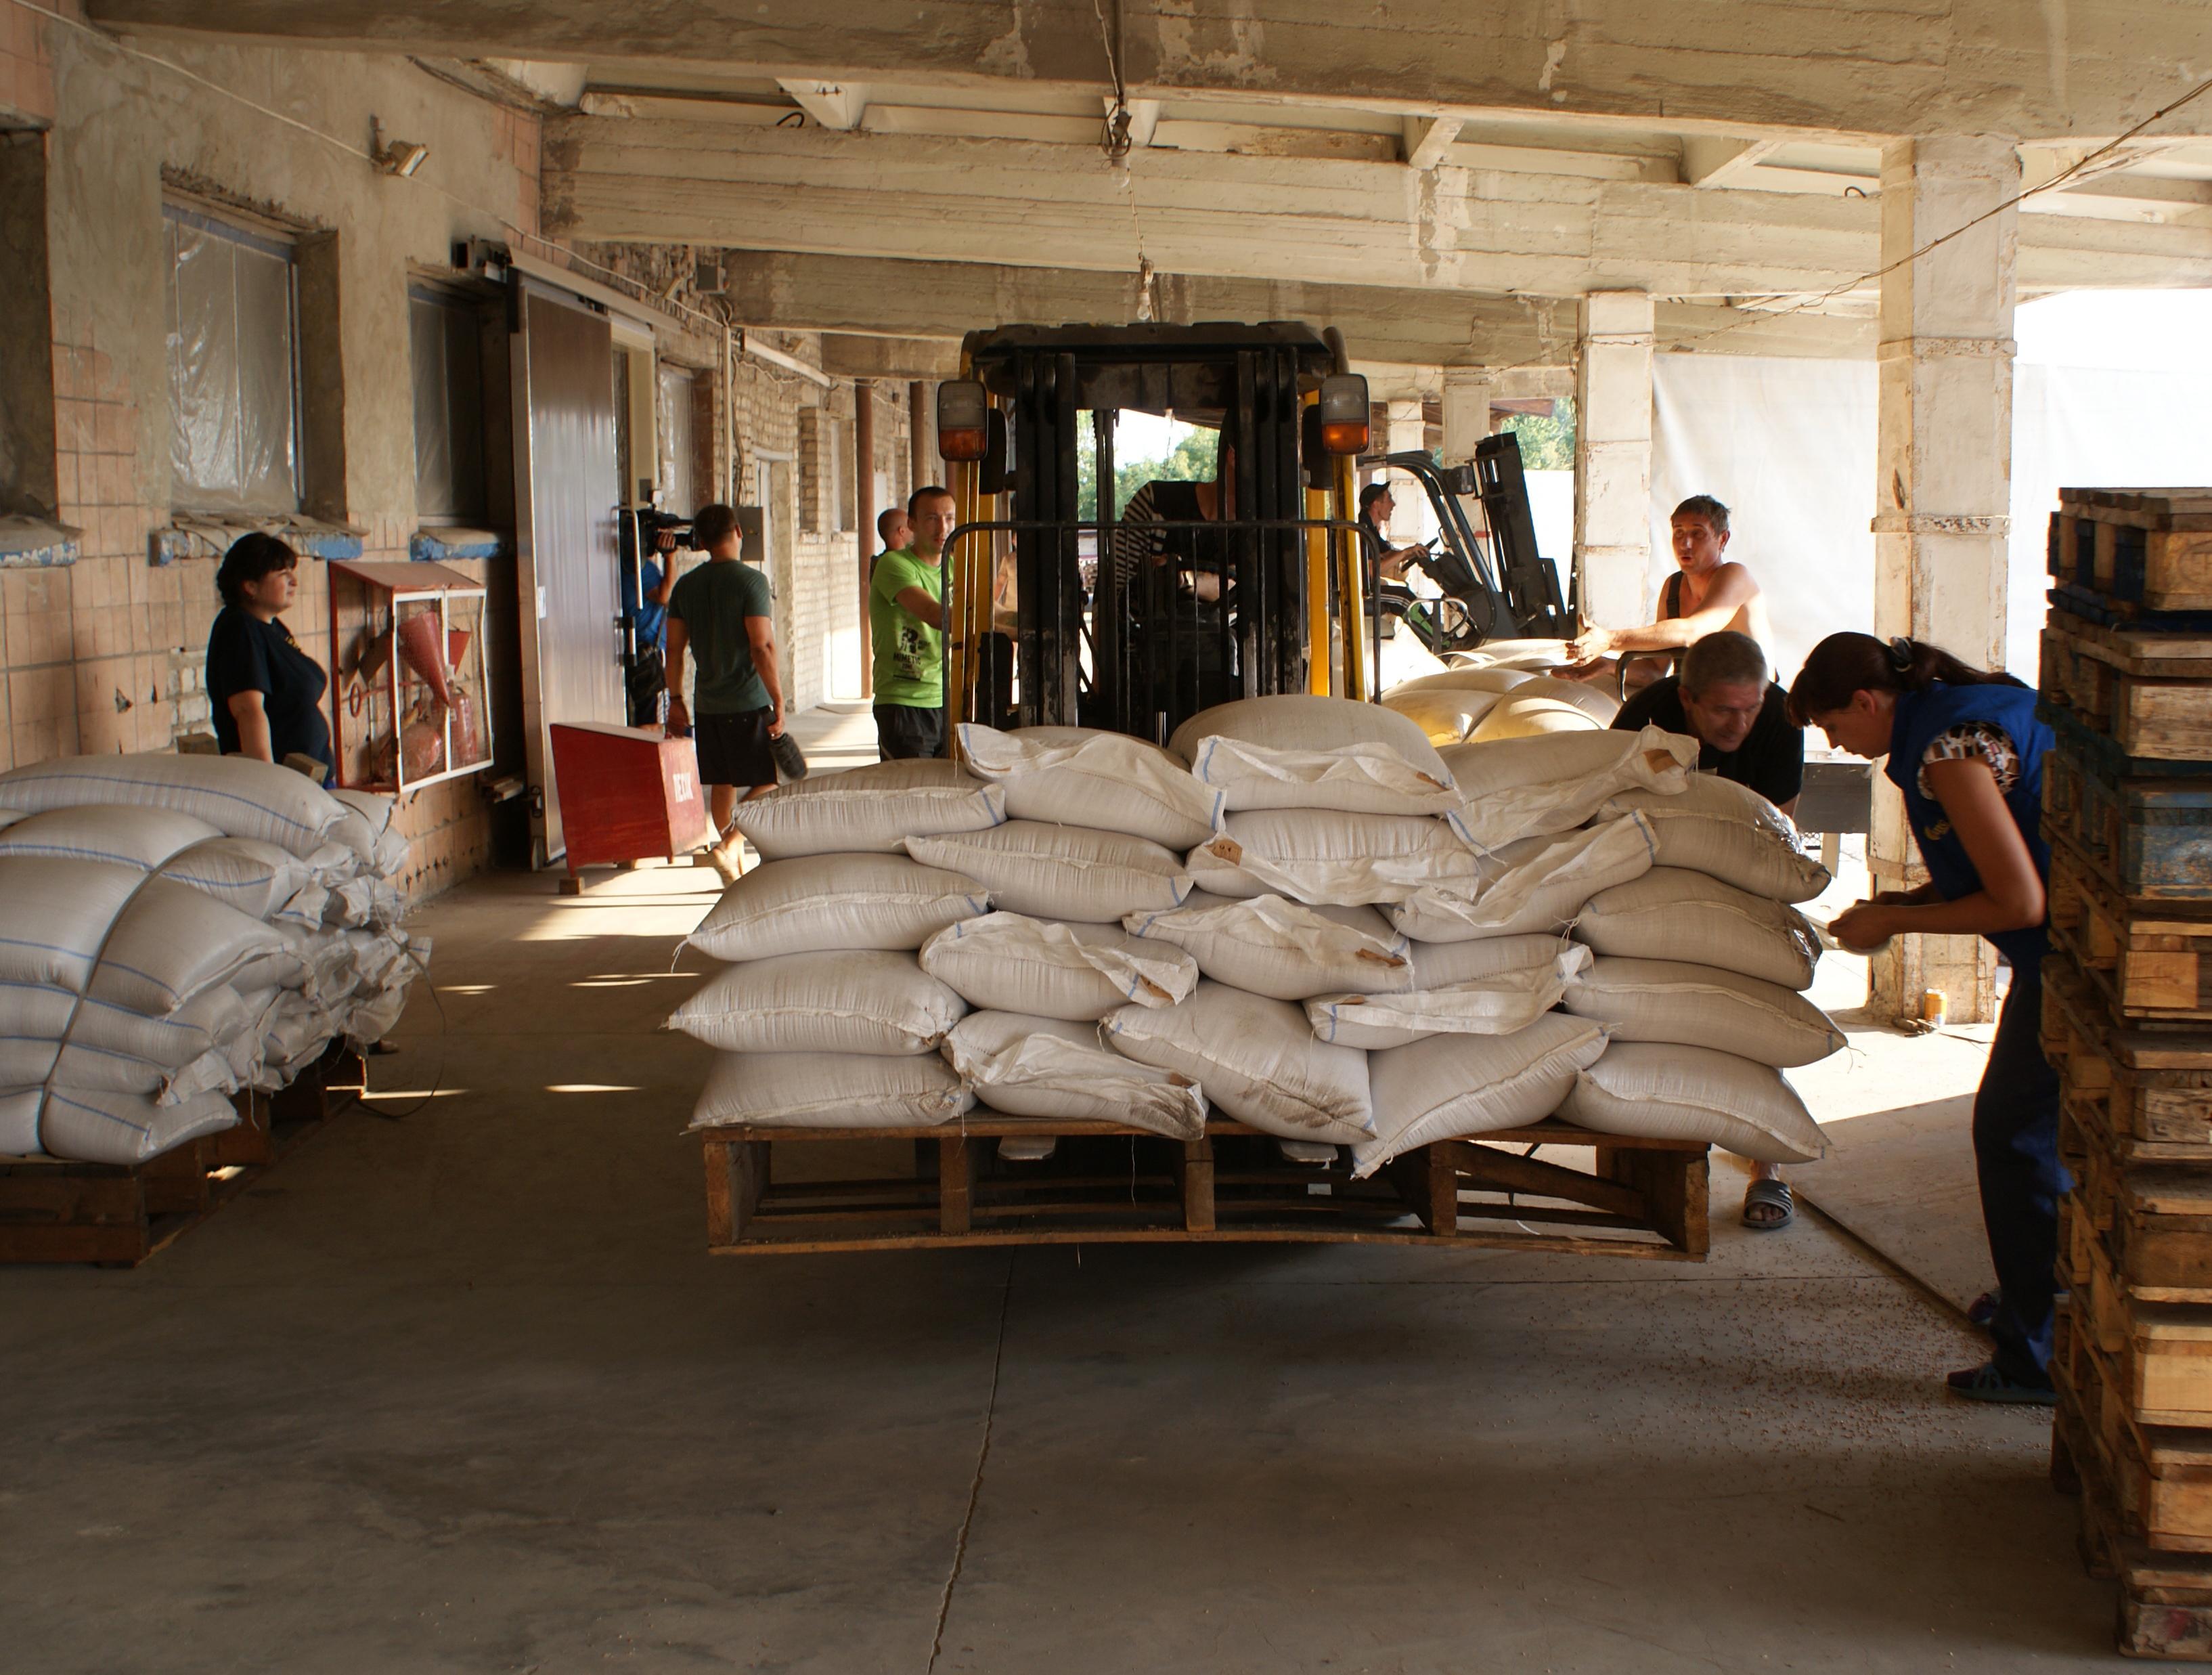 Разгрузка гуманитарных грузов для юго-востока Украины в Луганске